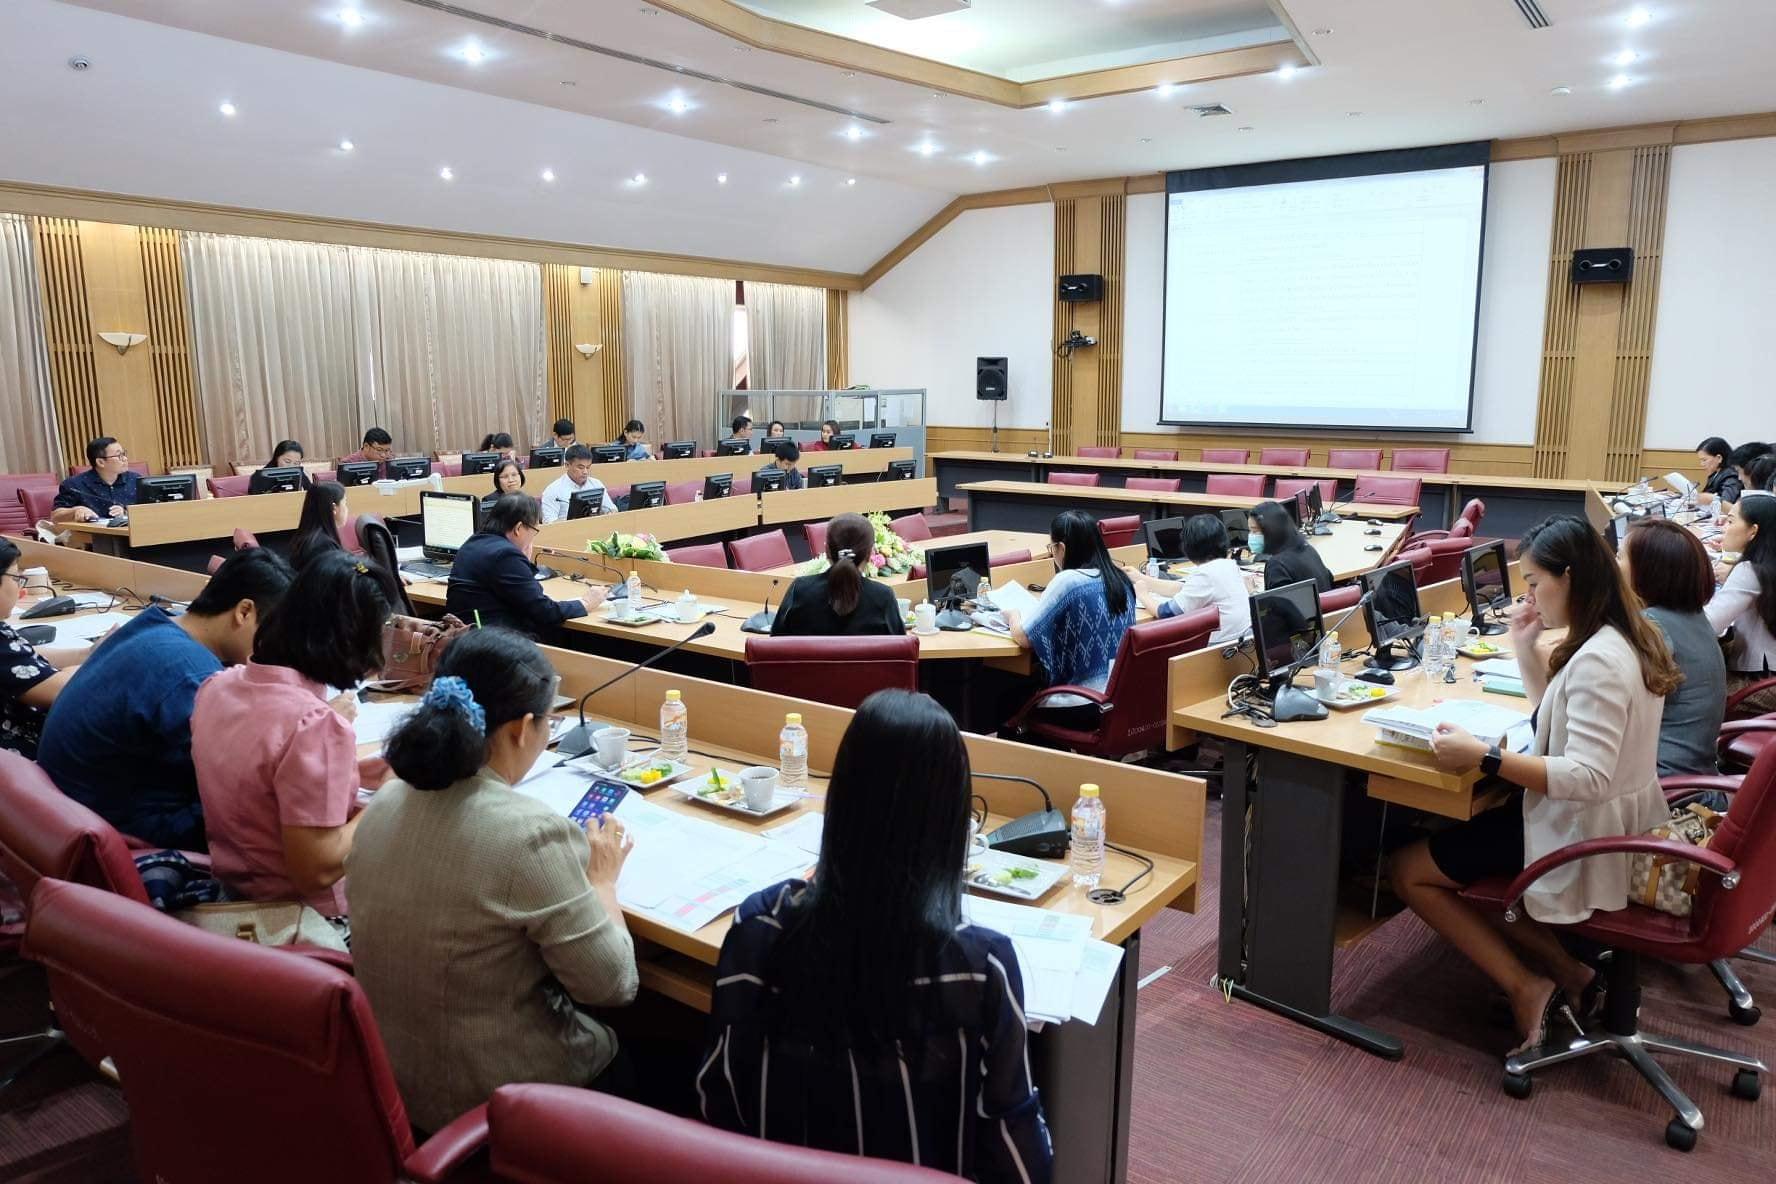 จัดประชุมปรับแผนการรับเข้าศึกษาในระดับปริญญาตรี ประจำปีการศึกษา 2563